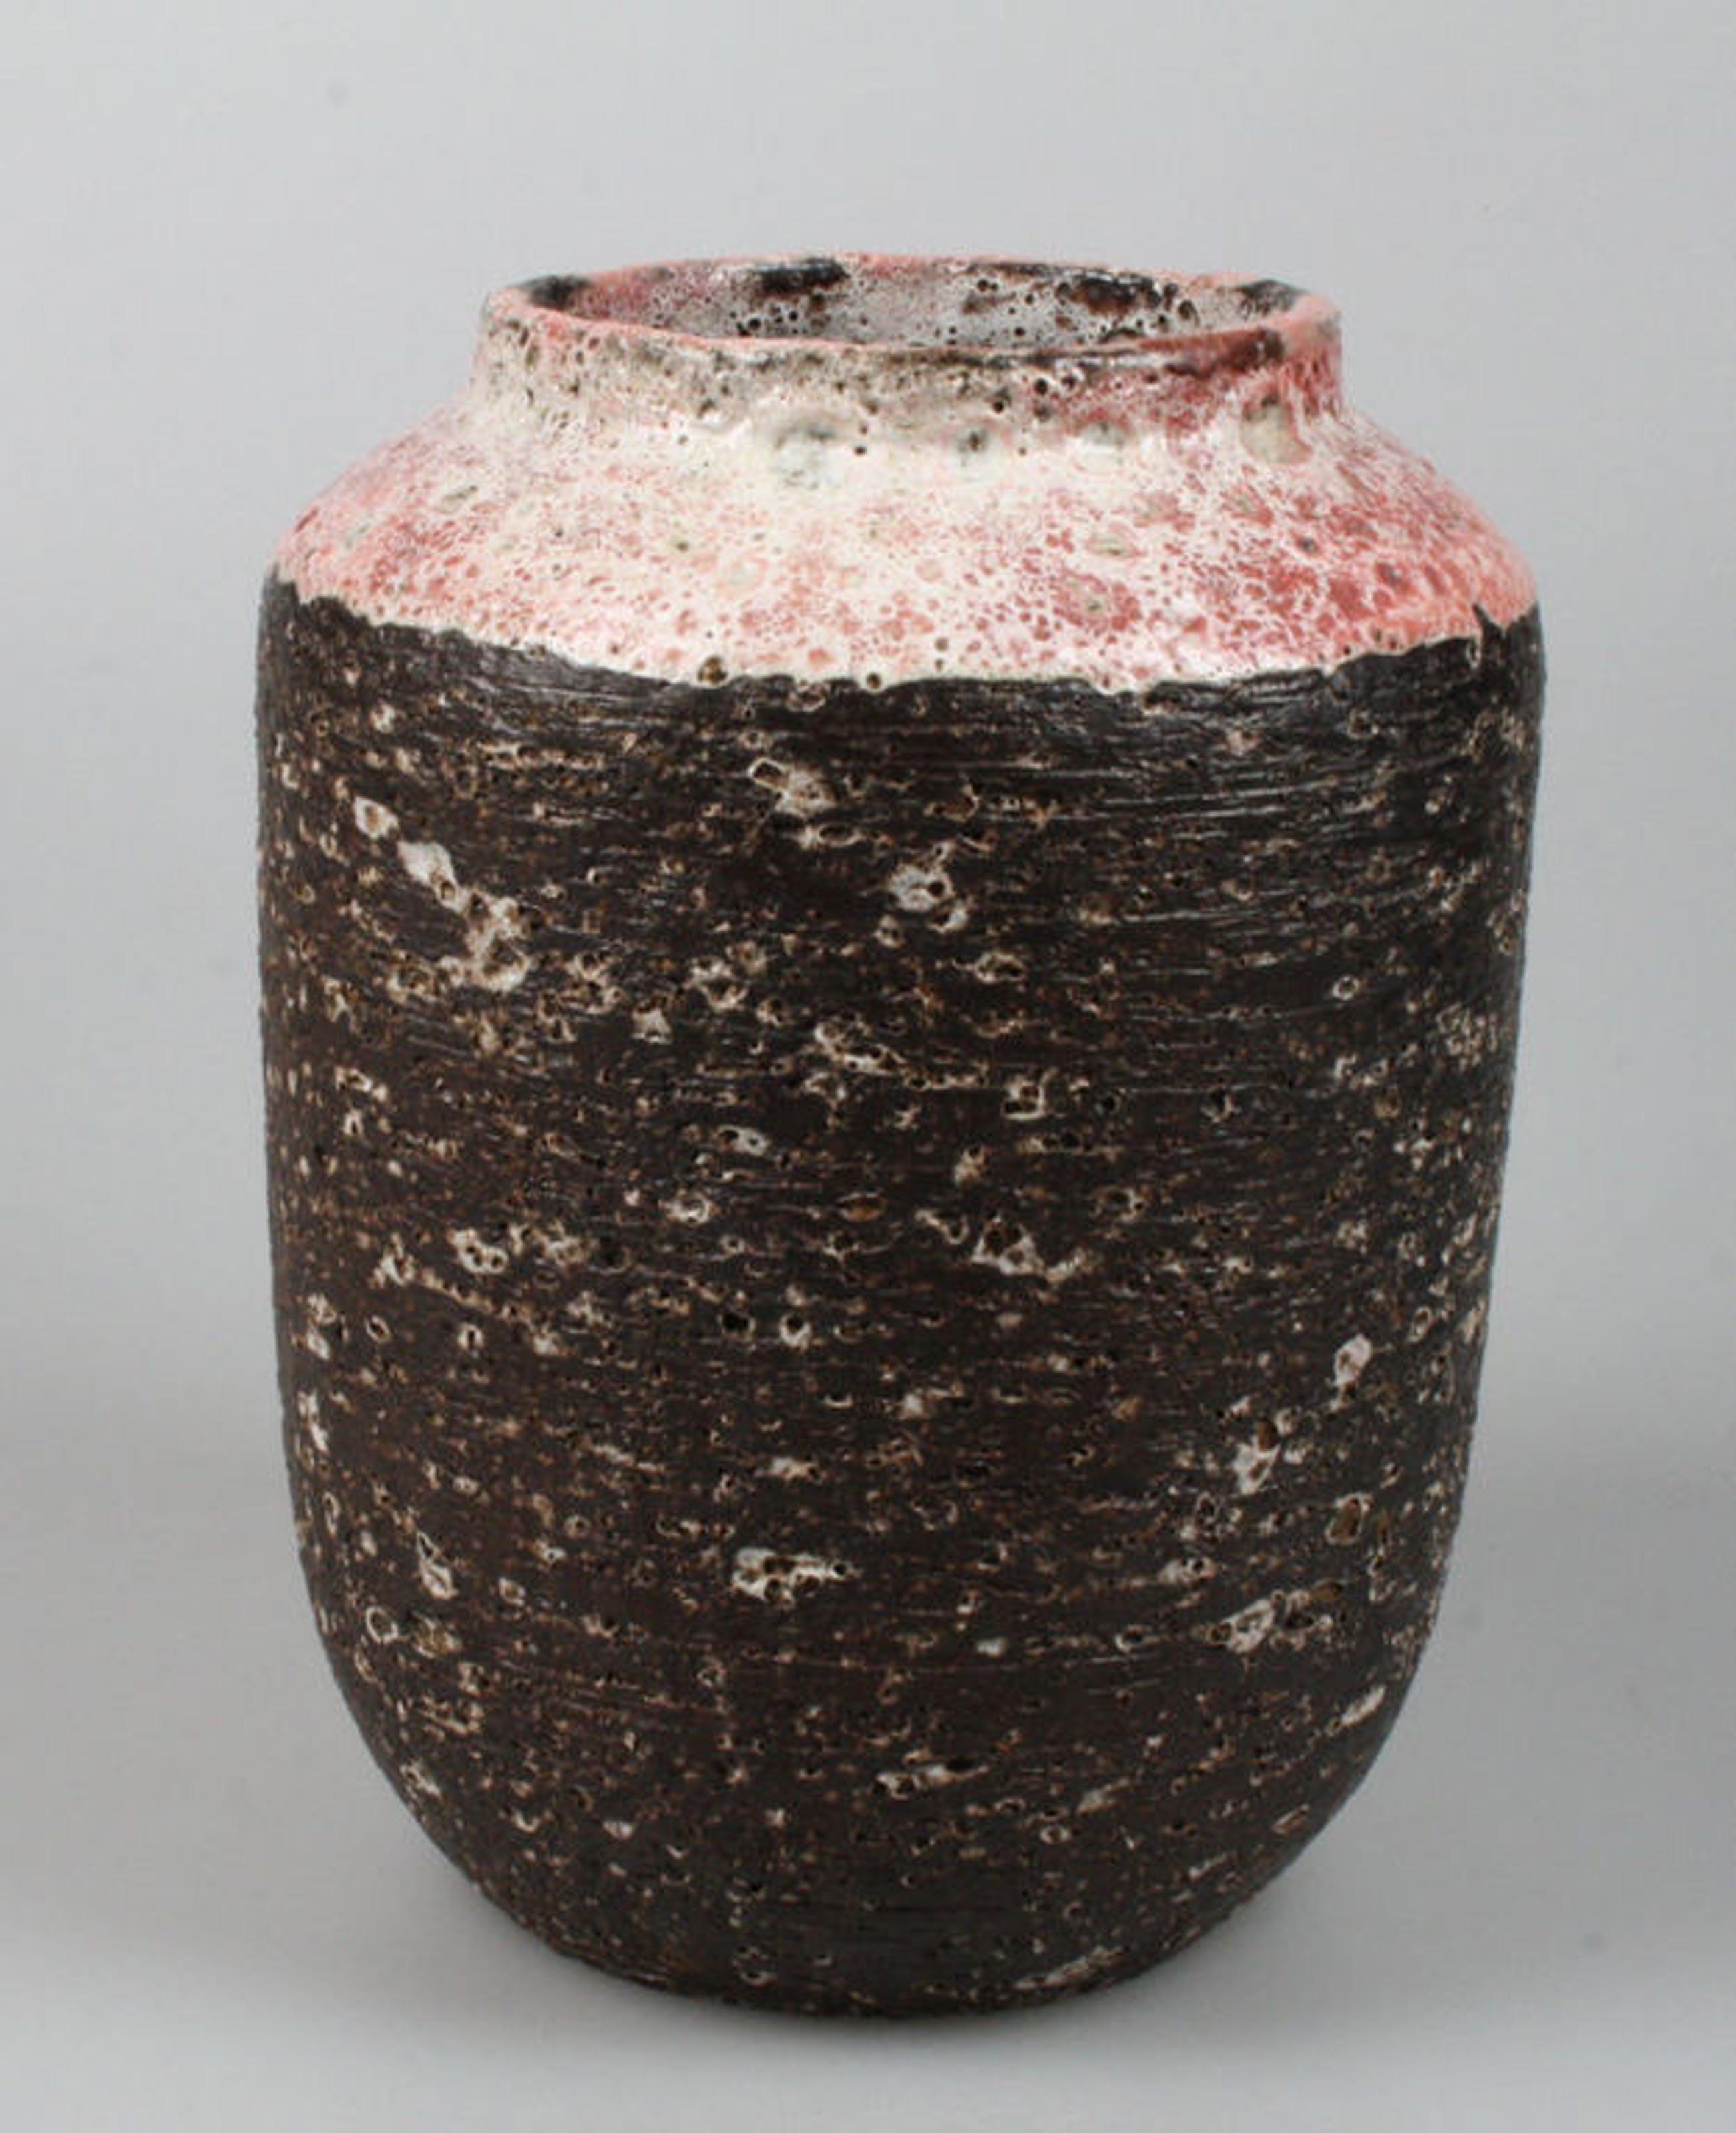 Zaalberg chanoir vaas met roze bovenkant kopen? Bied vanaf 22!